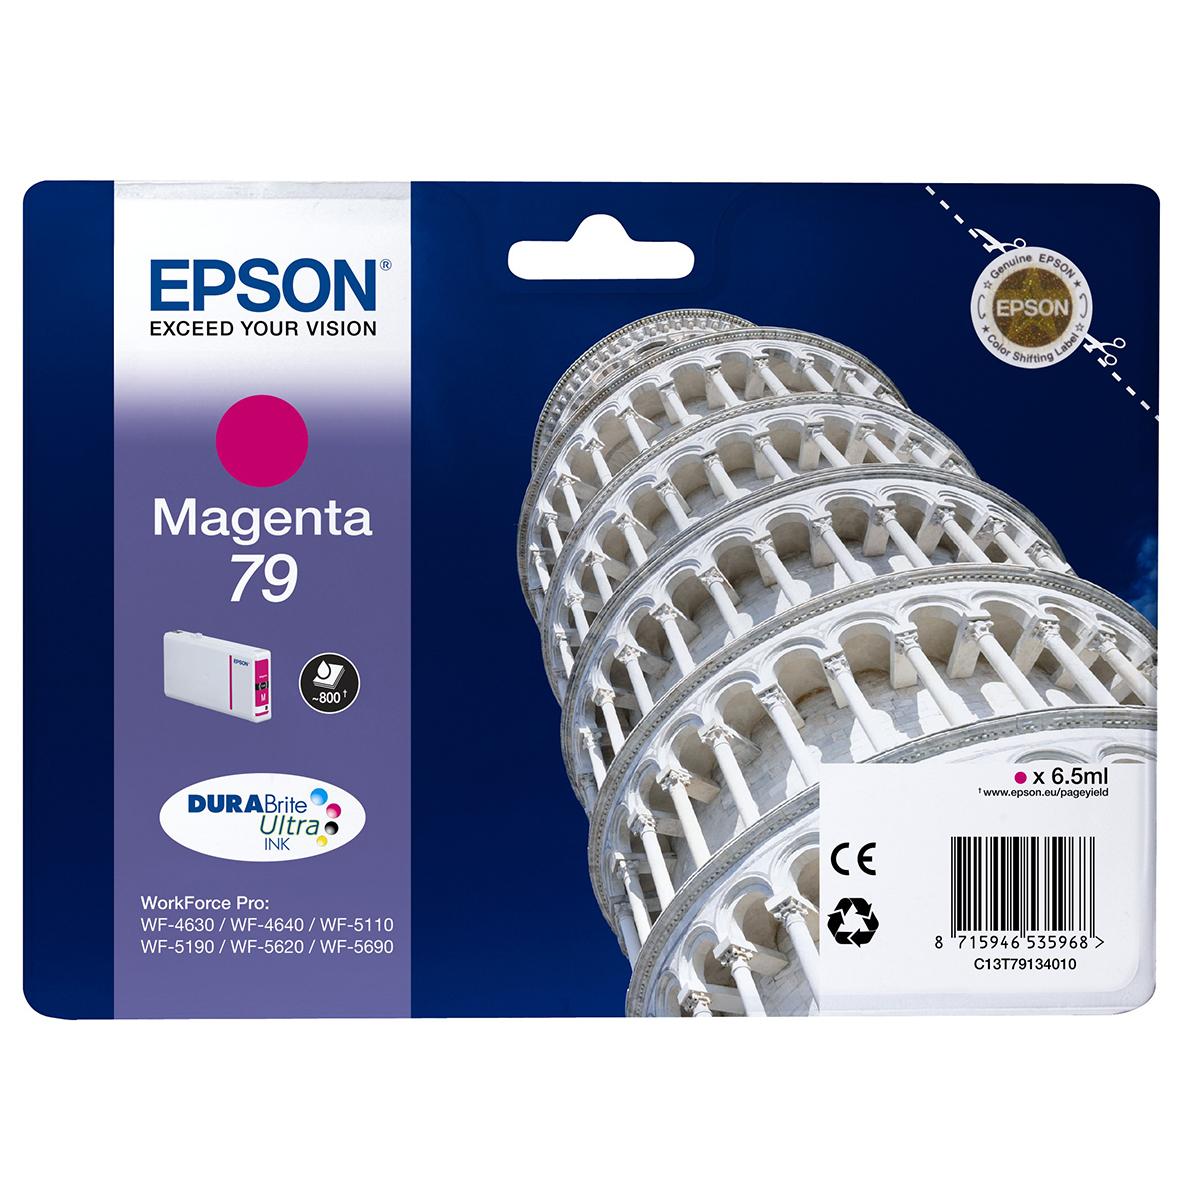 Epson 79 Durabrite Ink Cartridge Magenta